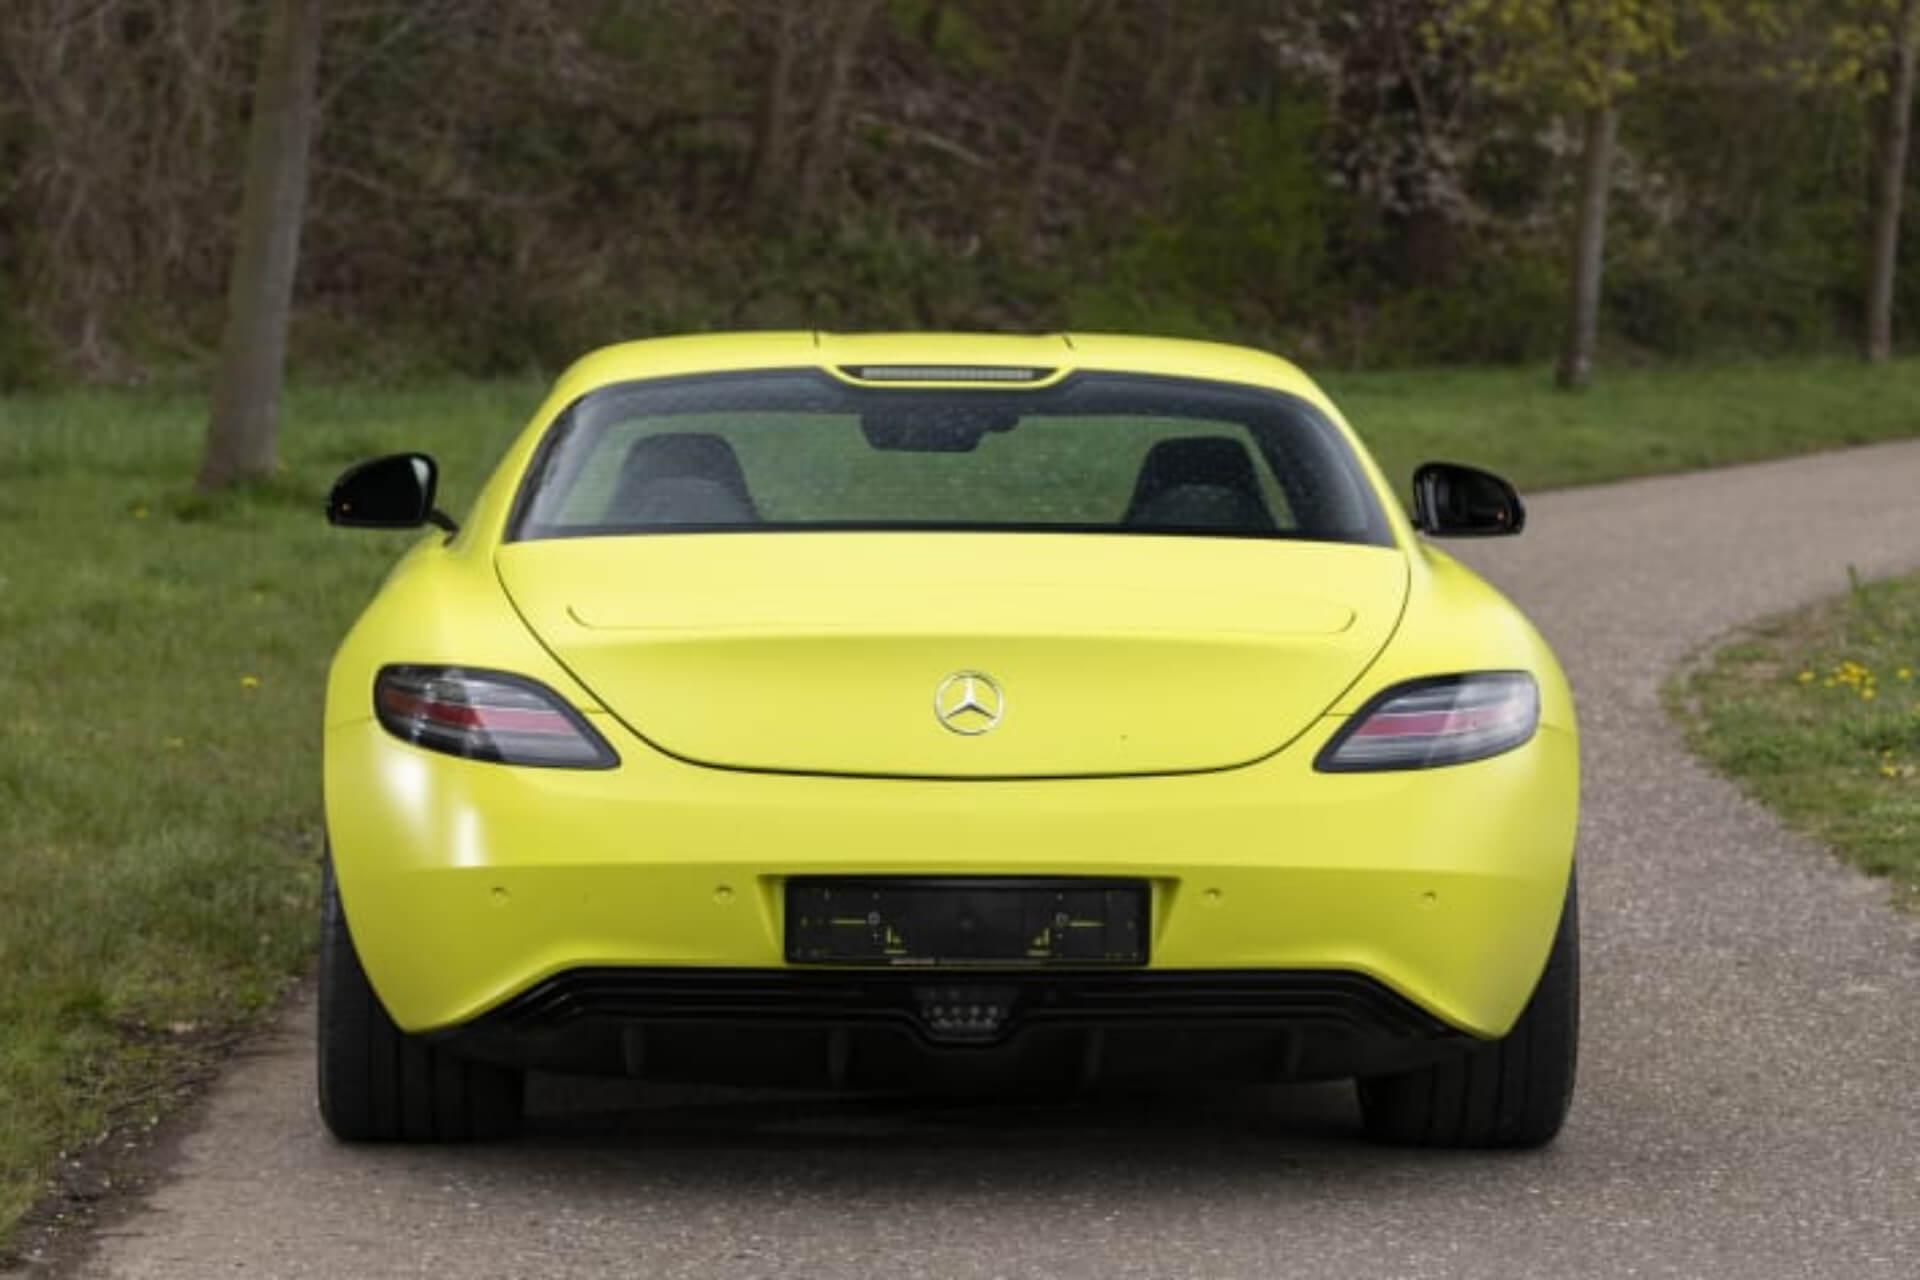 Mercedes Benz Sls Amg Electric Drive 06